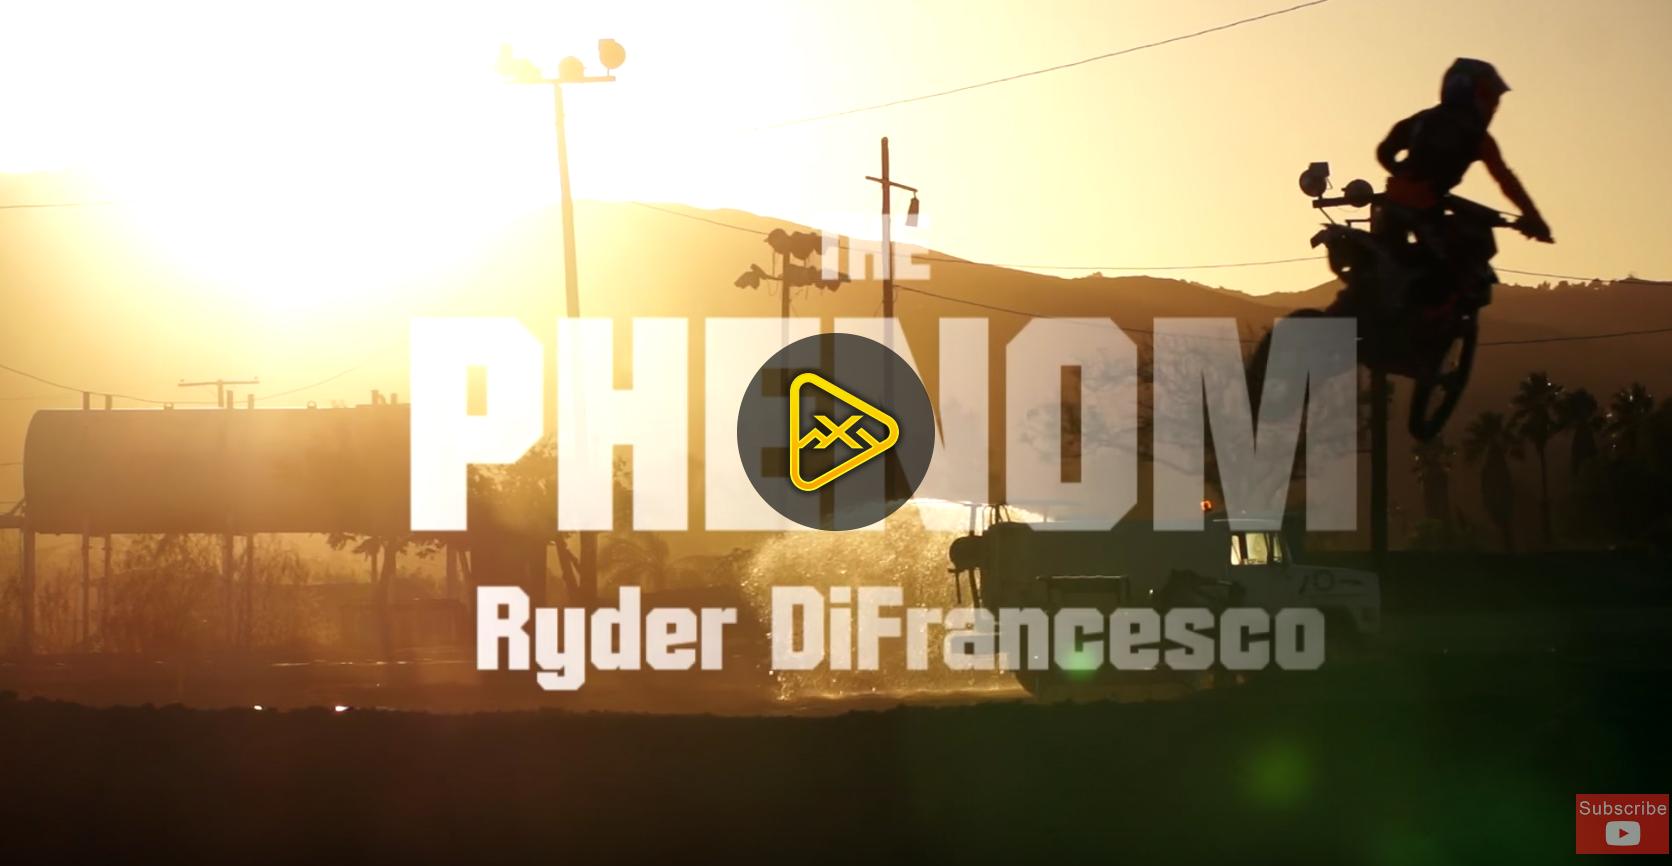 THE PHENOM – Ryder DiFrancesco